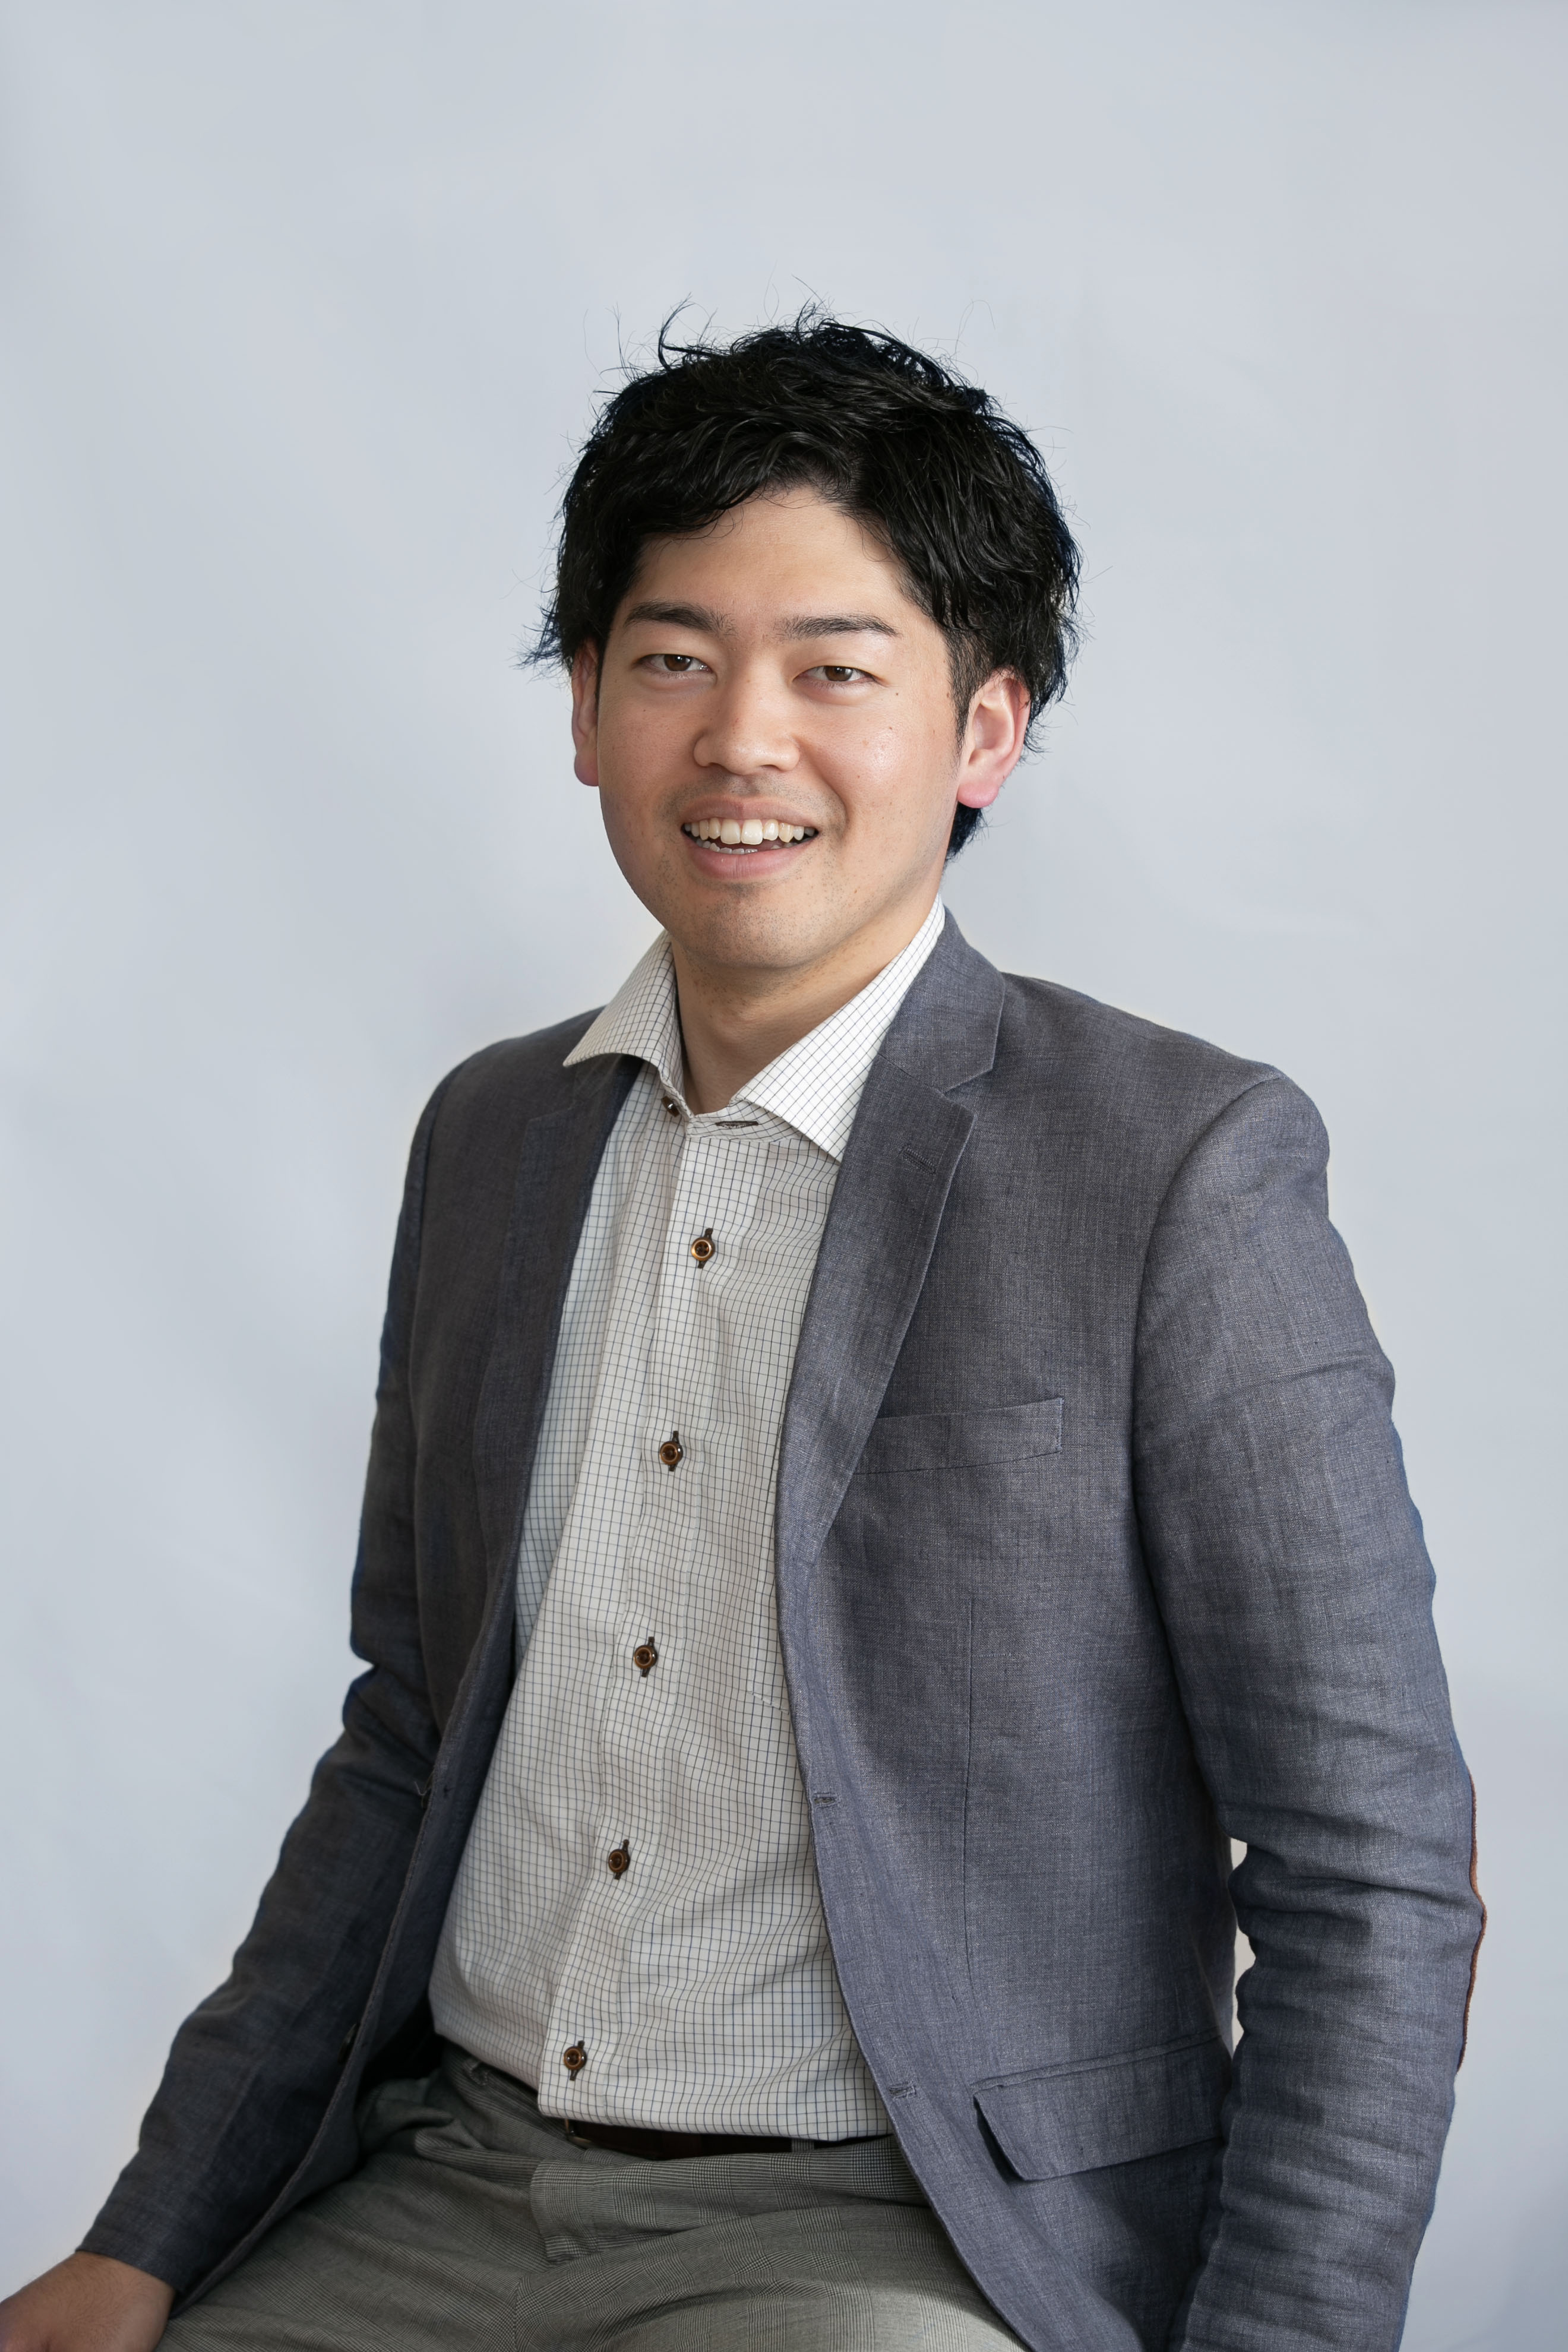 株式会社 ASAHI Accounting Robot 研究所社員 大沼 和矢